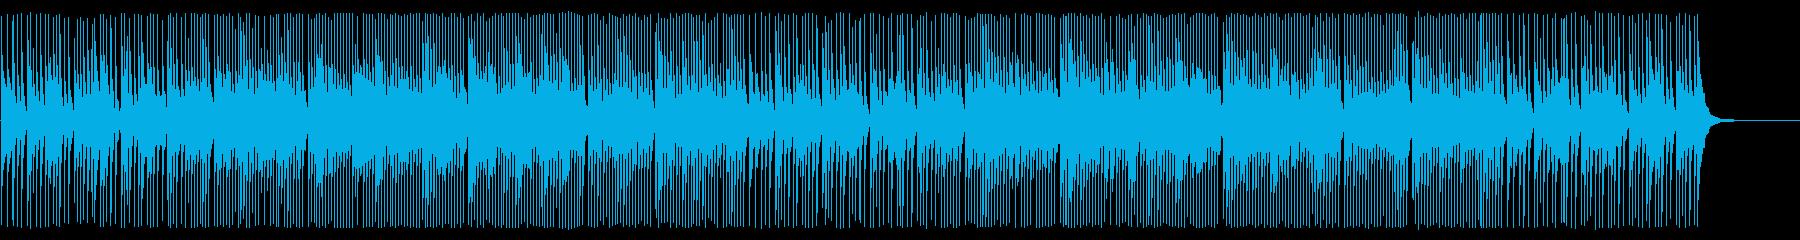 三味線ソロのアップテンポでクールなシーンの再生済みの波形